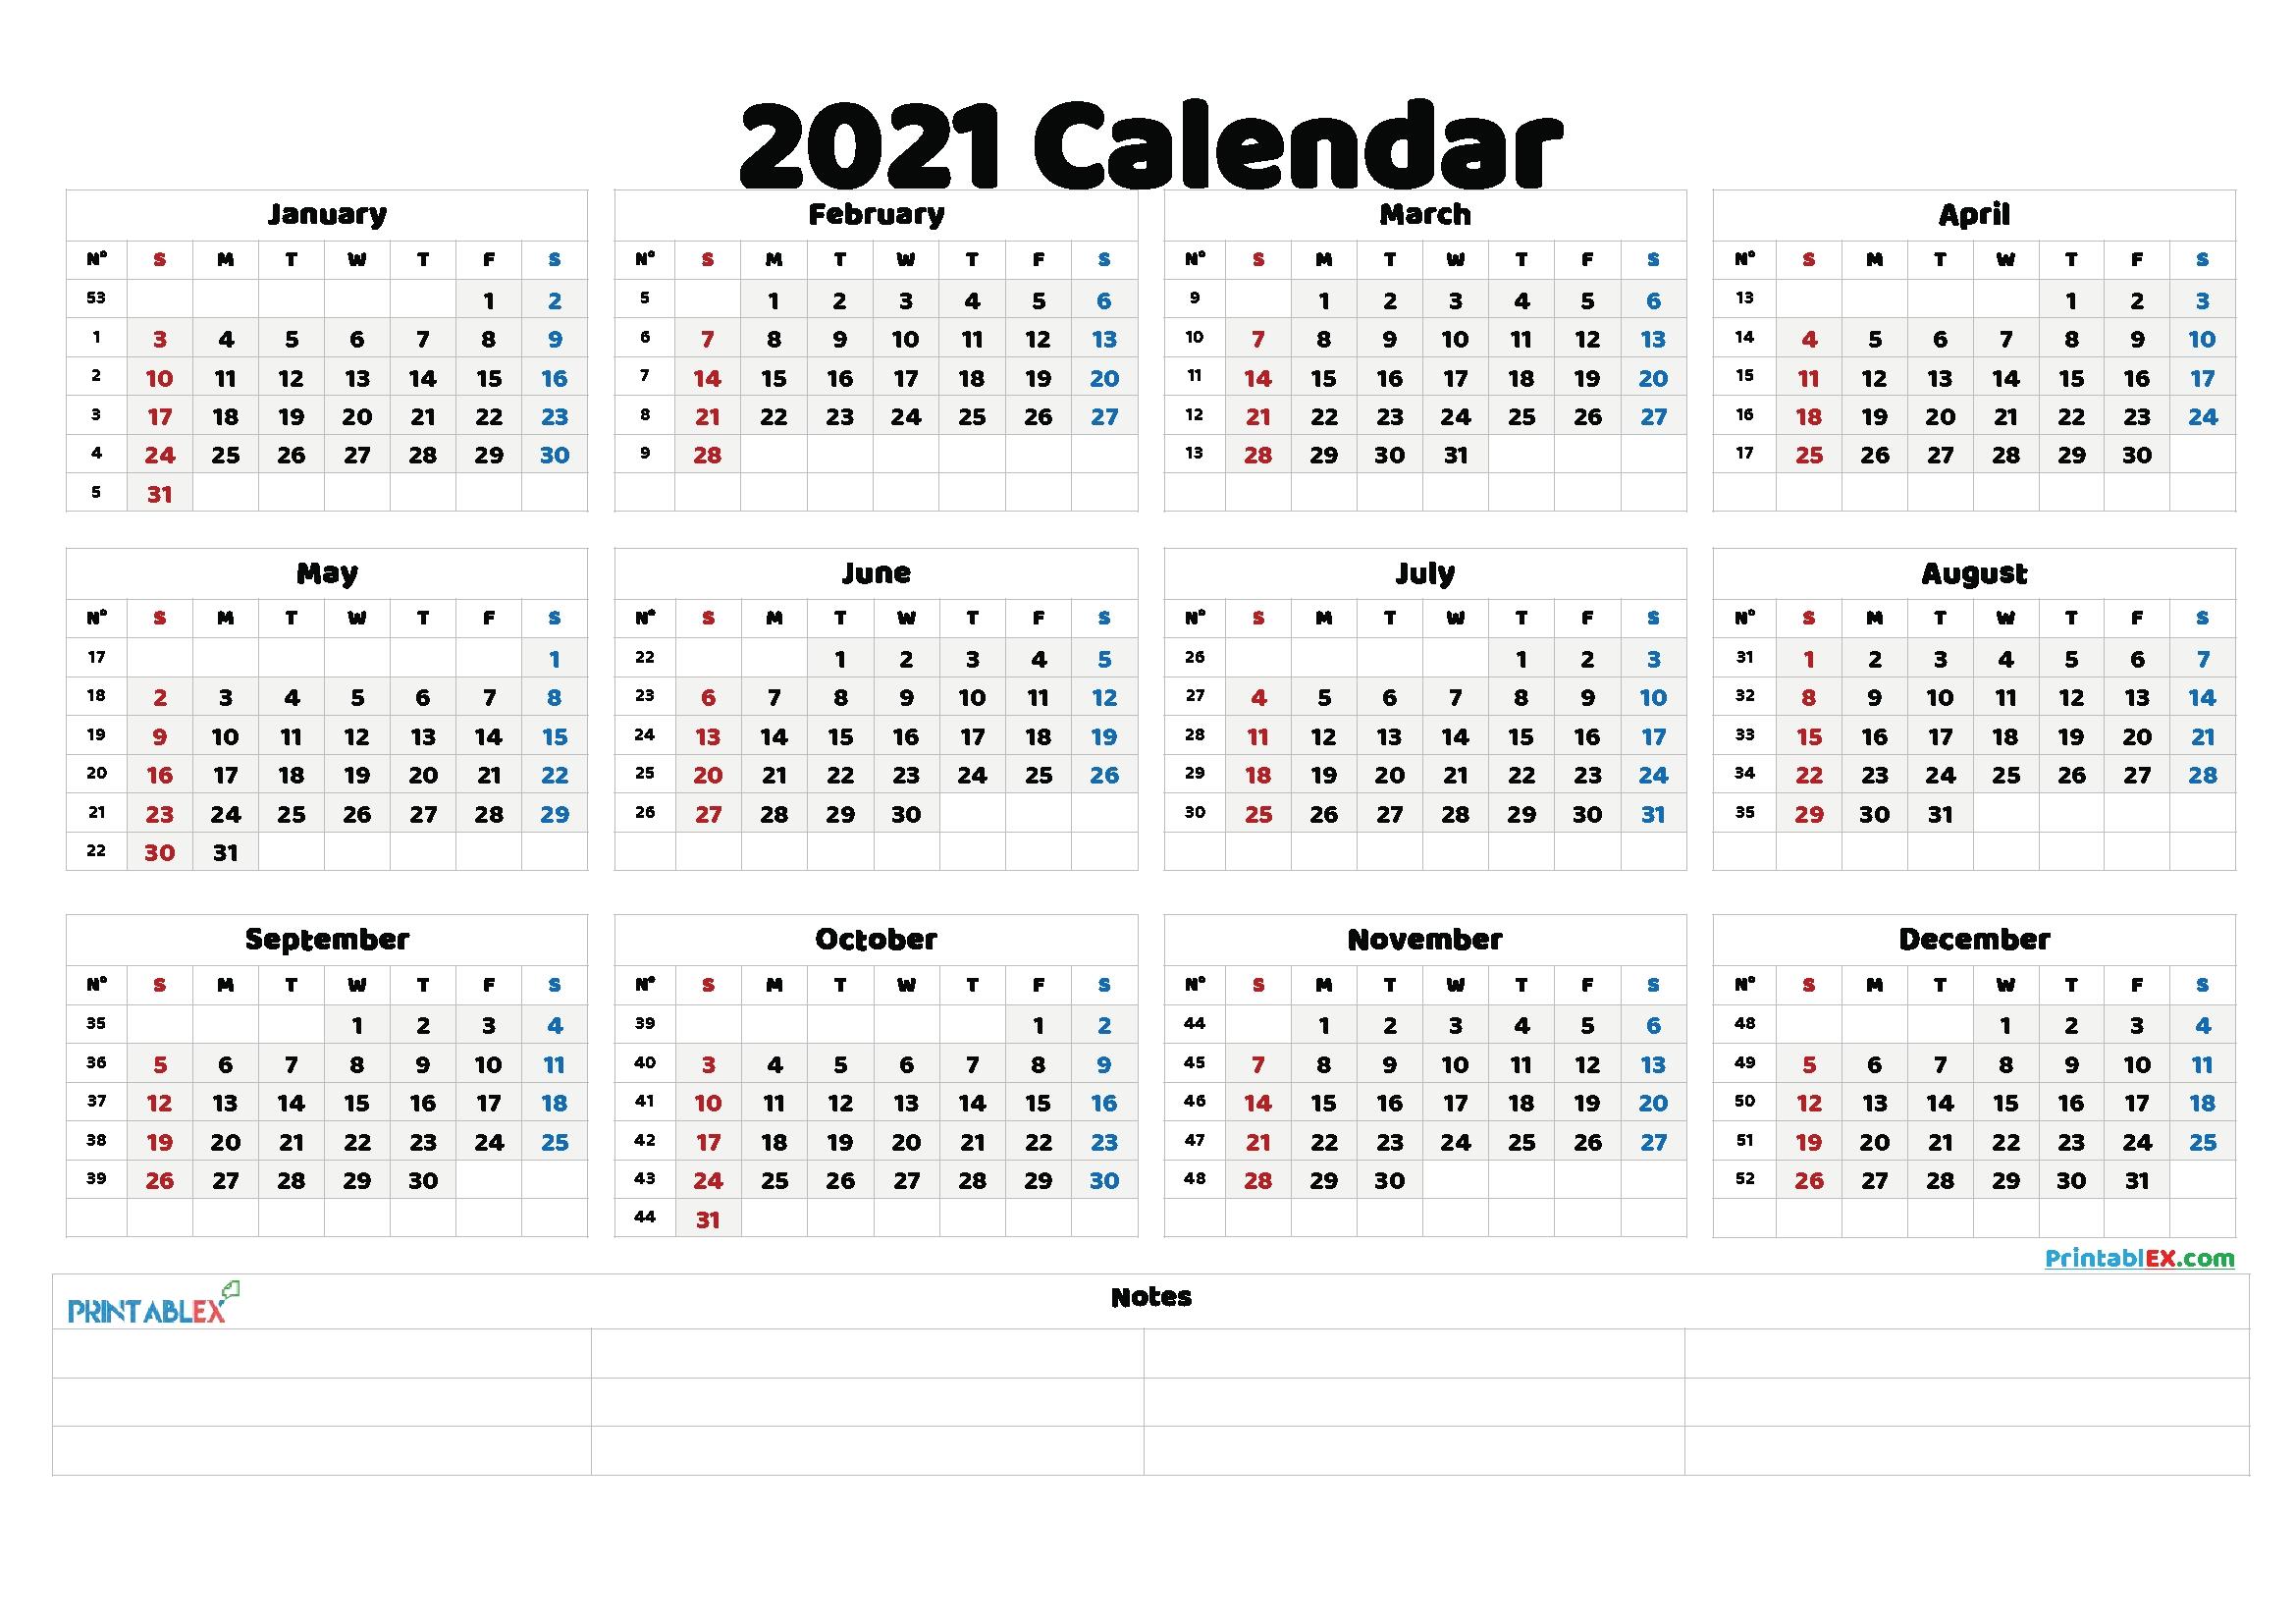 Get 2021 Work Week Calendar Printable